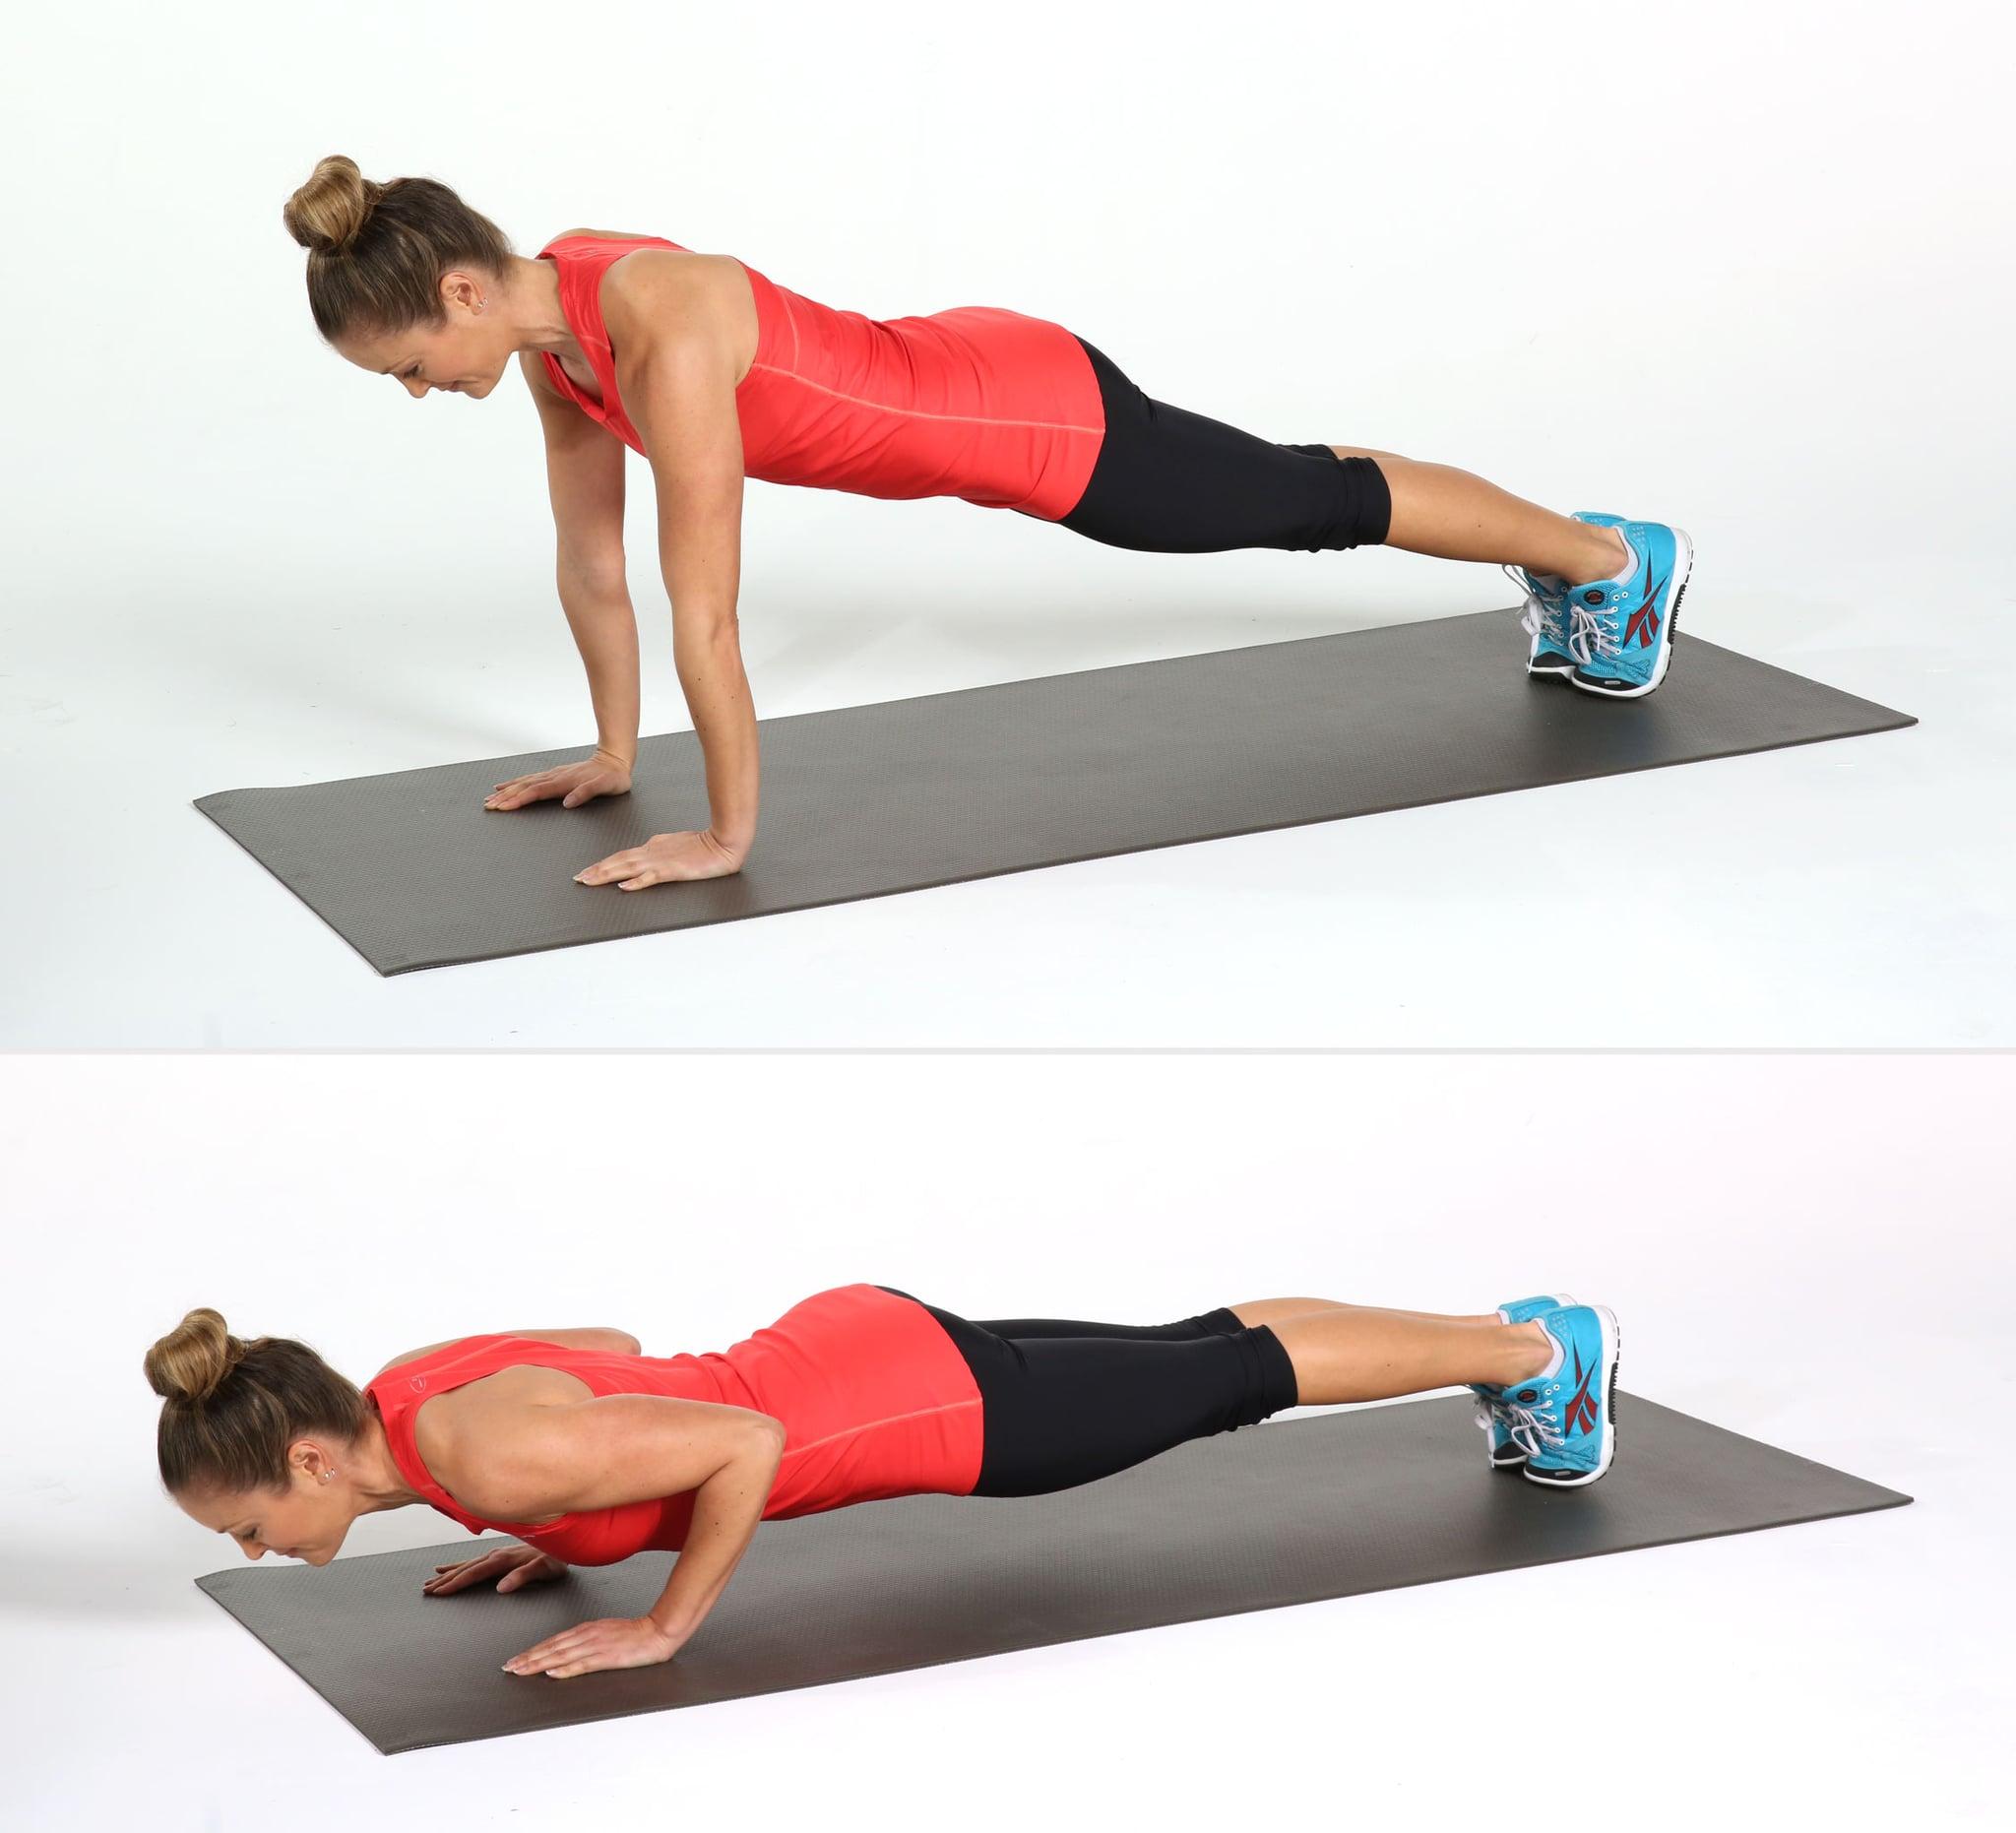 pushups - Crossfit y piso pélvico